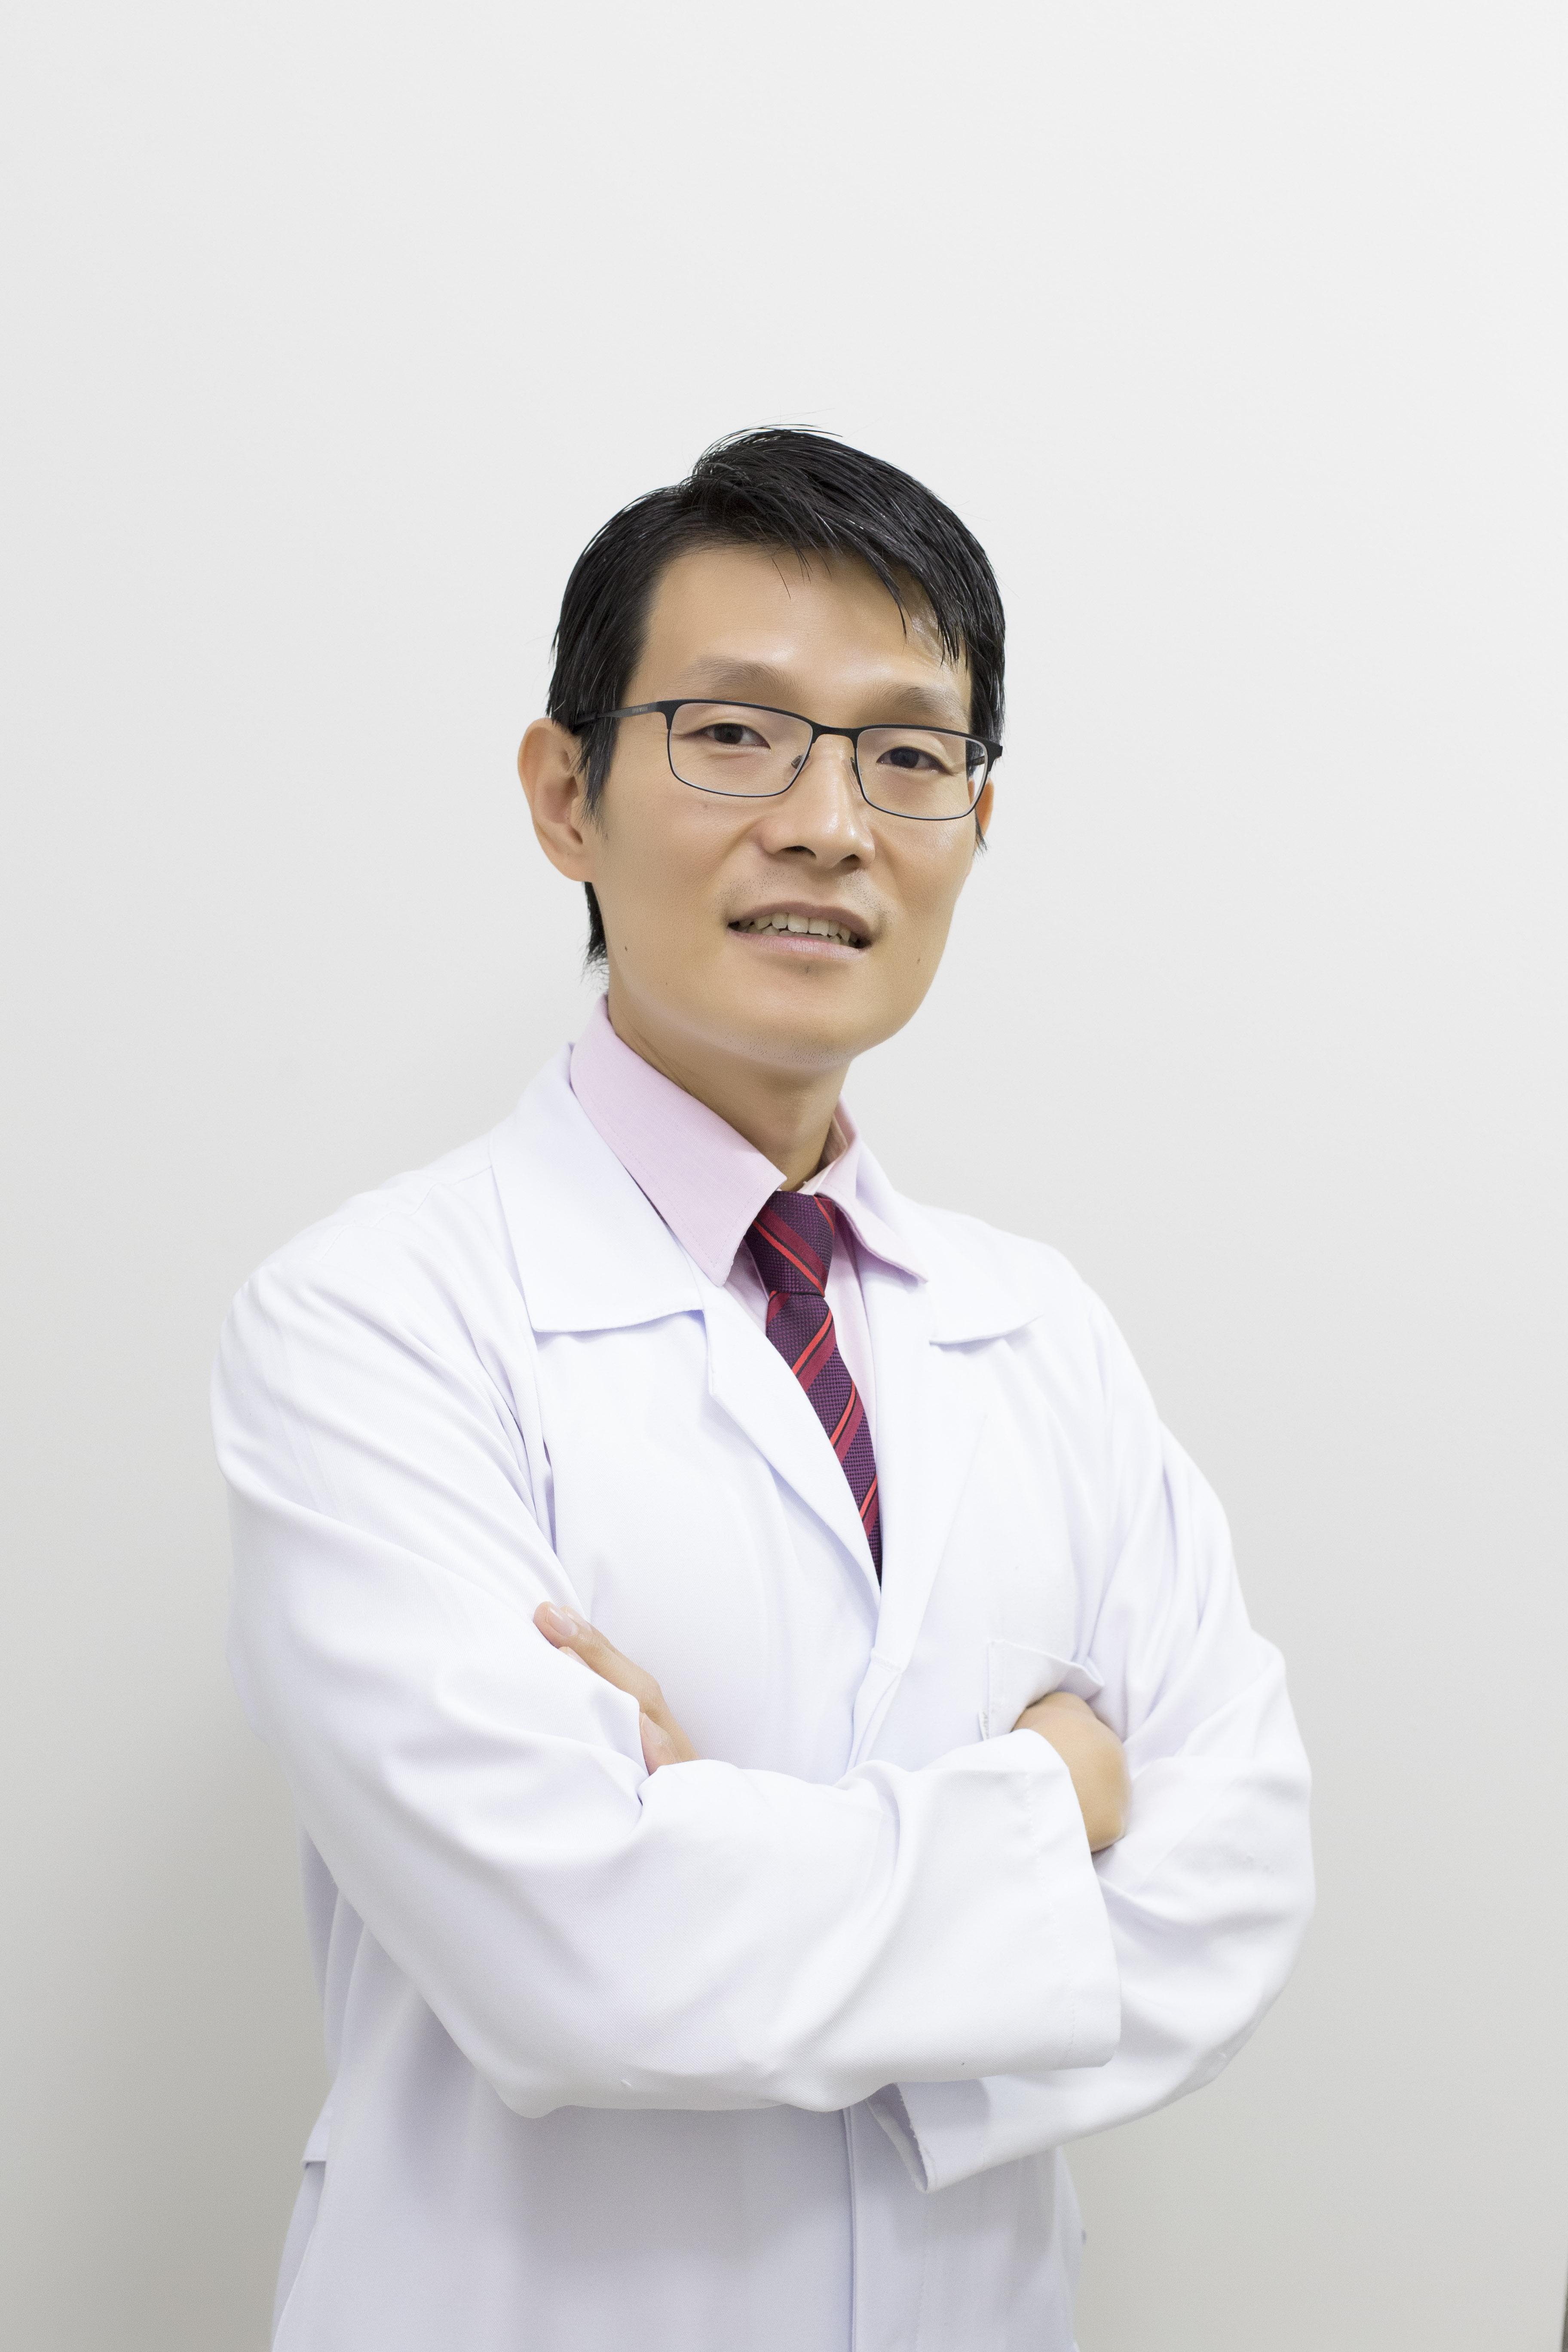 Dr Rogério Kawai